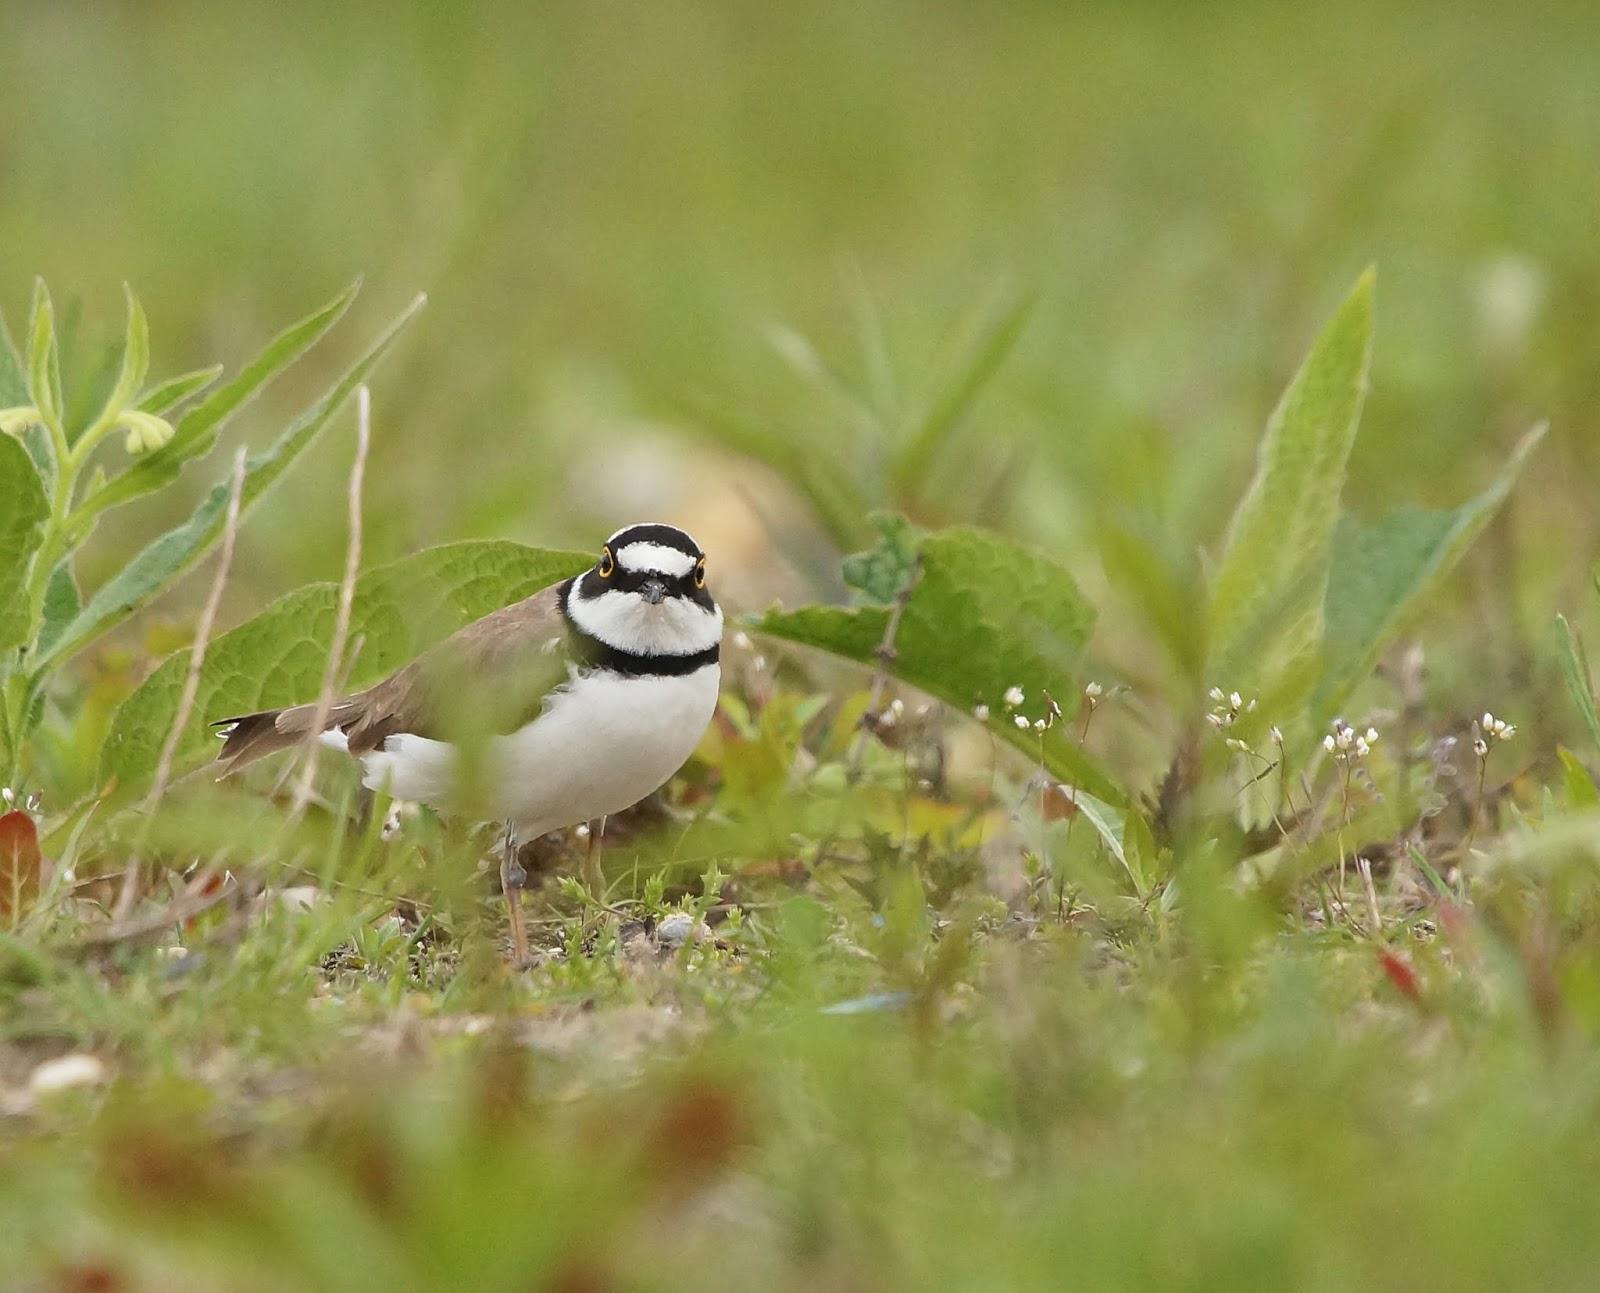 De wereld door mijn lenzen kleine vogels op texel - Salontafel herbergt de wereld ...